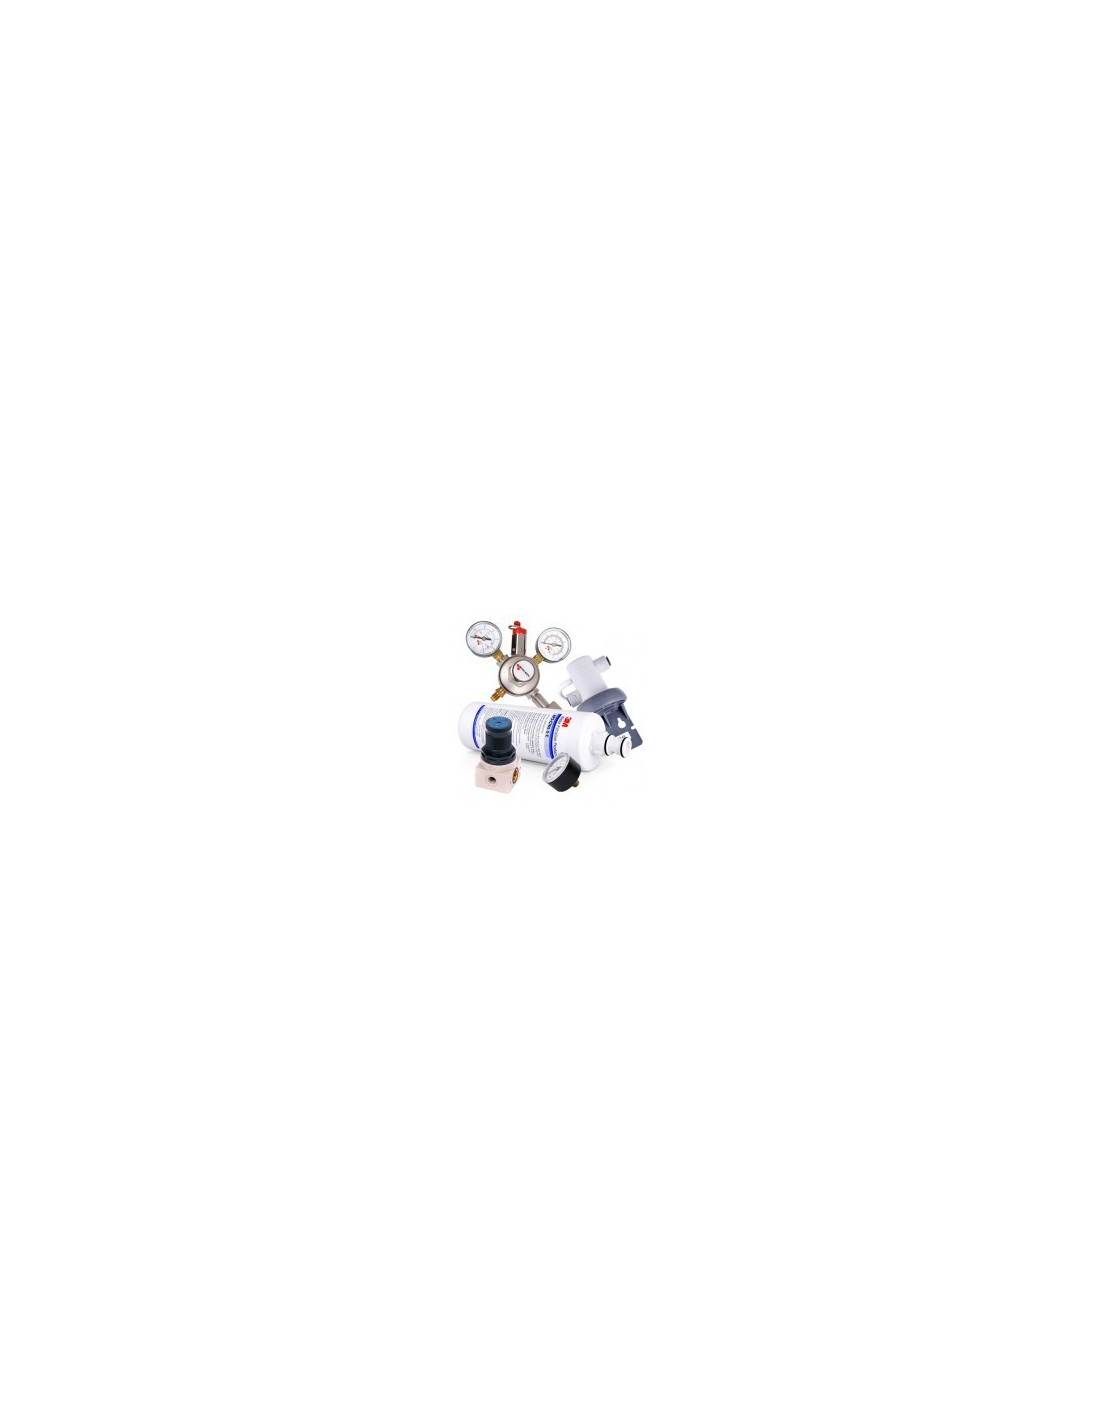 VYR02259 - Tillbehörspaket Soda Pygmy